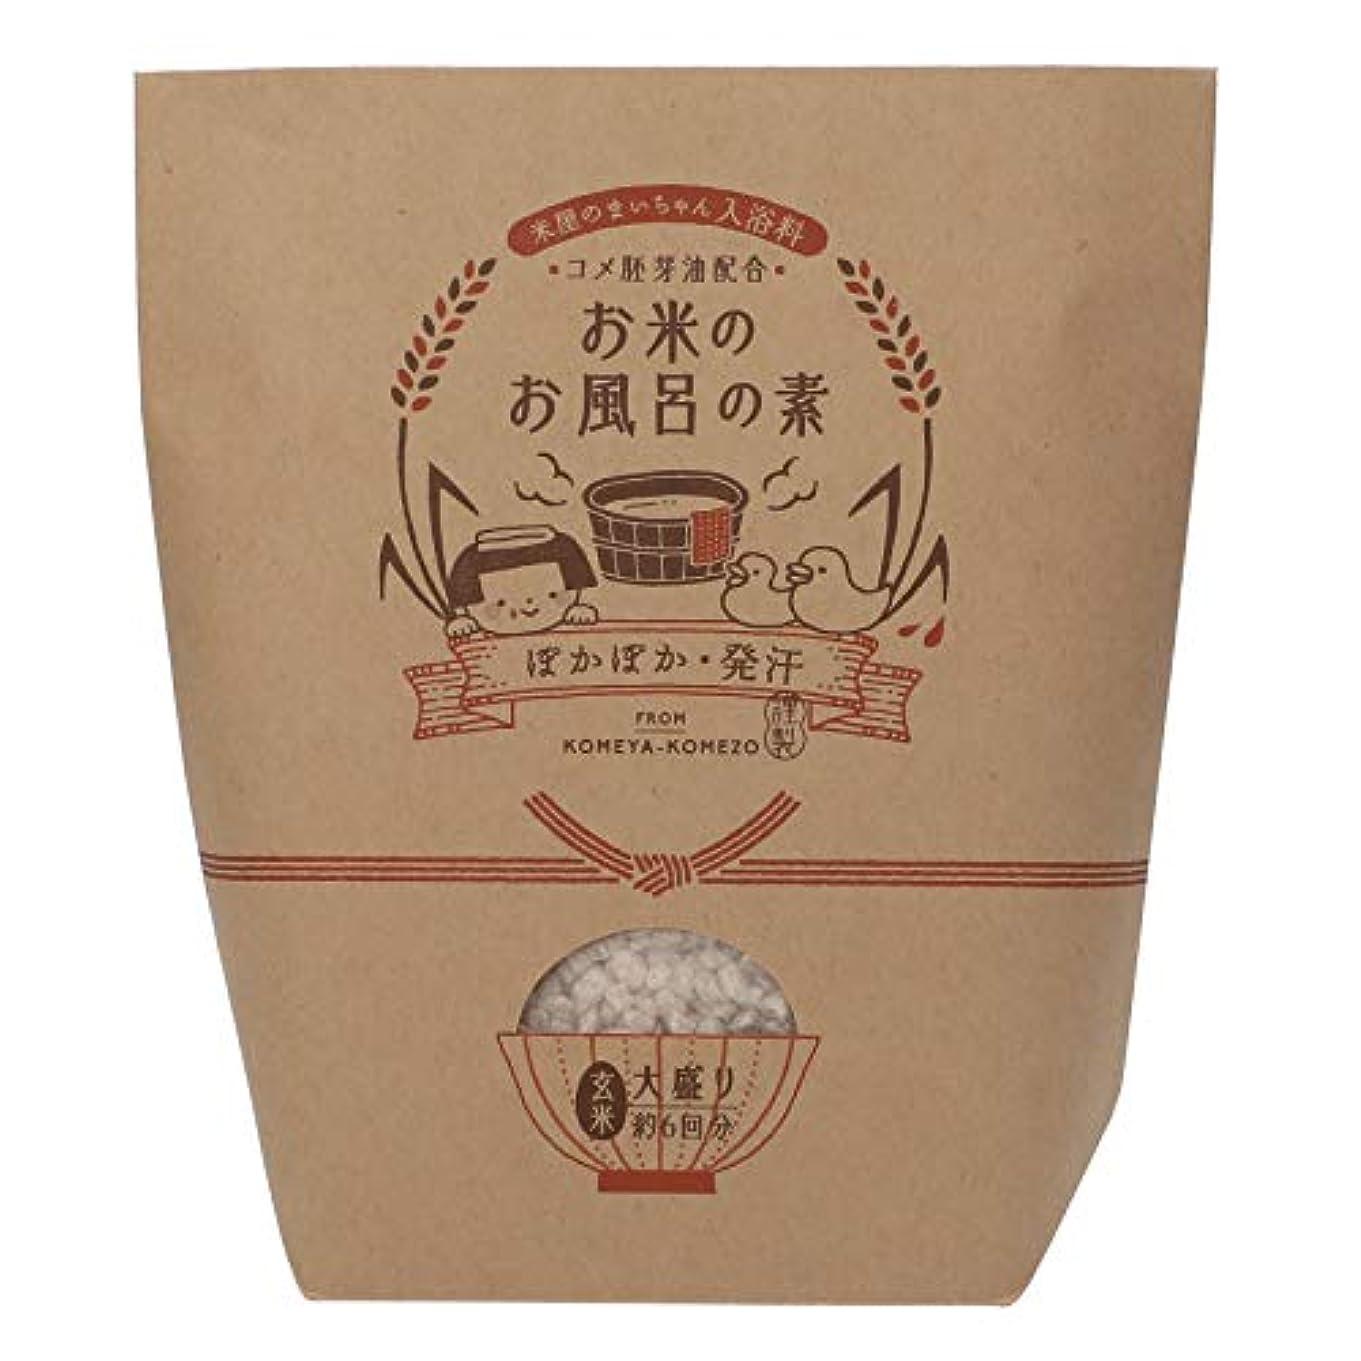 深く名声よろしく米屋のまいちゃん家の逸品 お米のお風呂の素 大盛り(発汗) 入浴剤 142mm×55mm×156mm